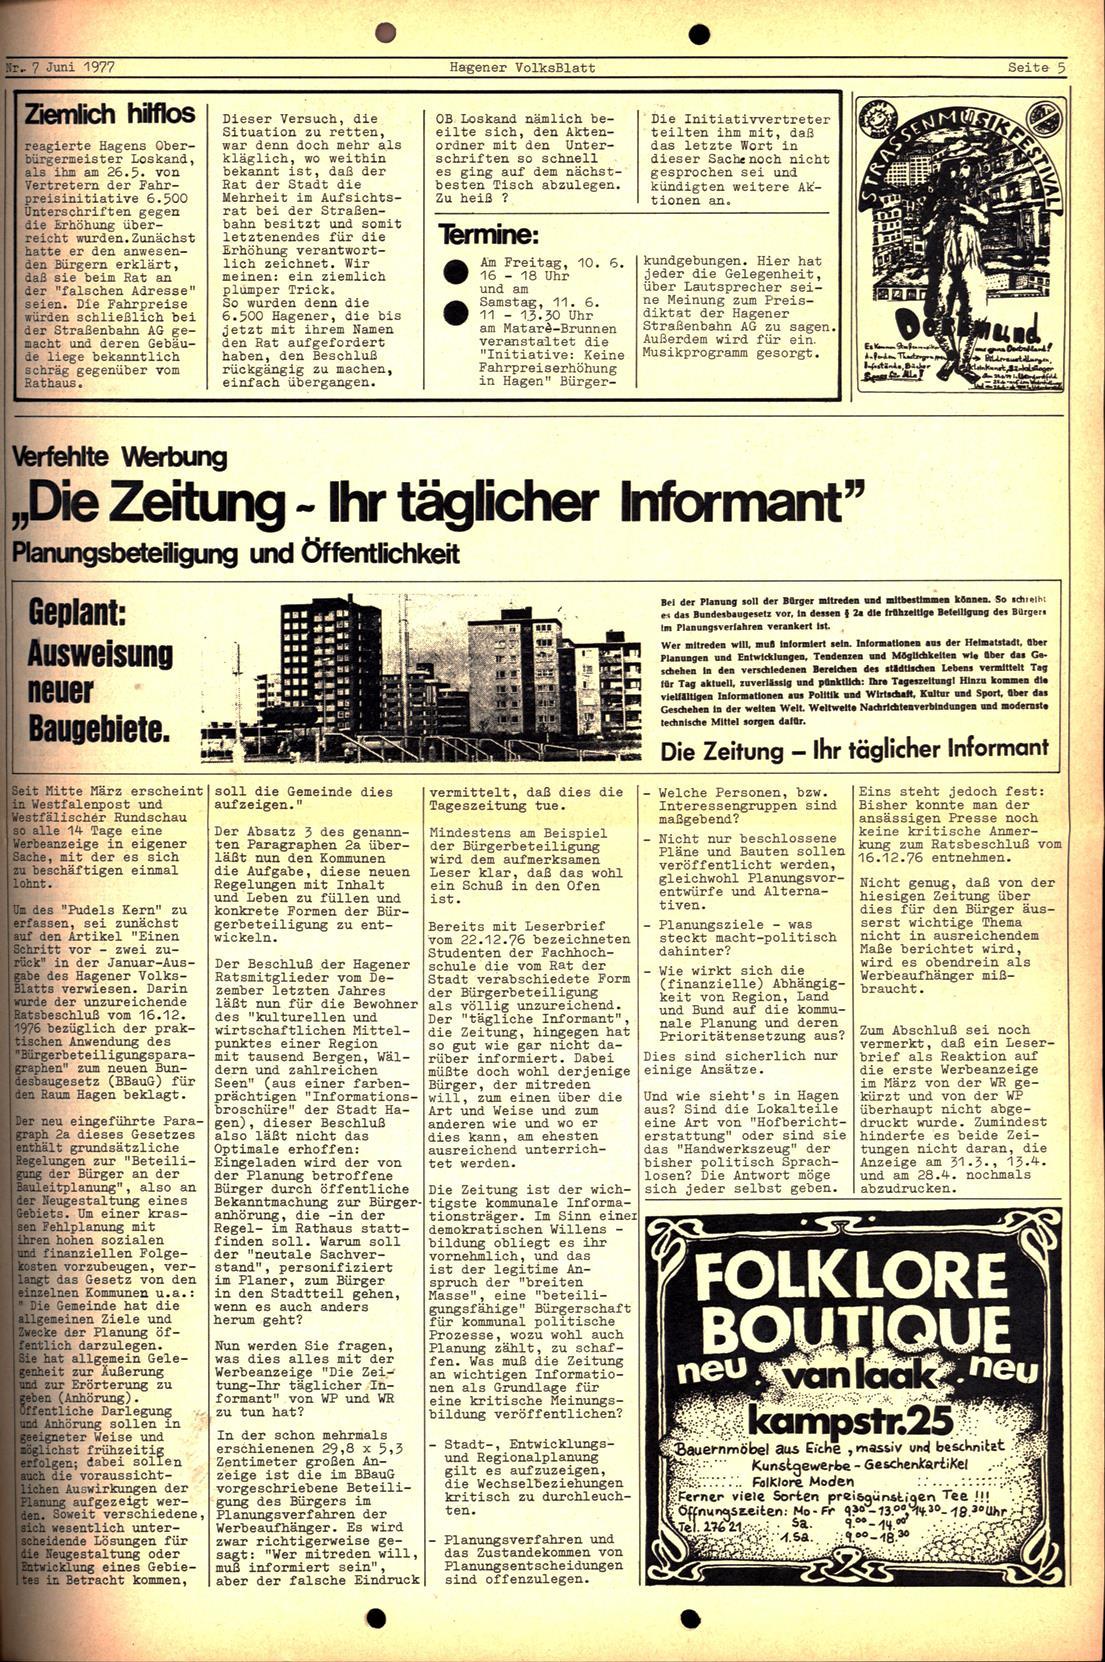 Hagen_Volksblatt_19770600_05